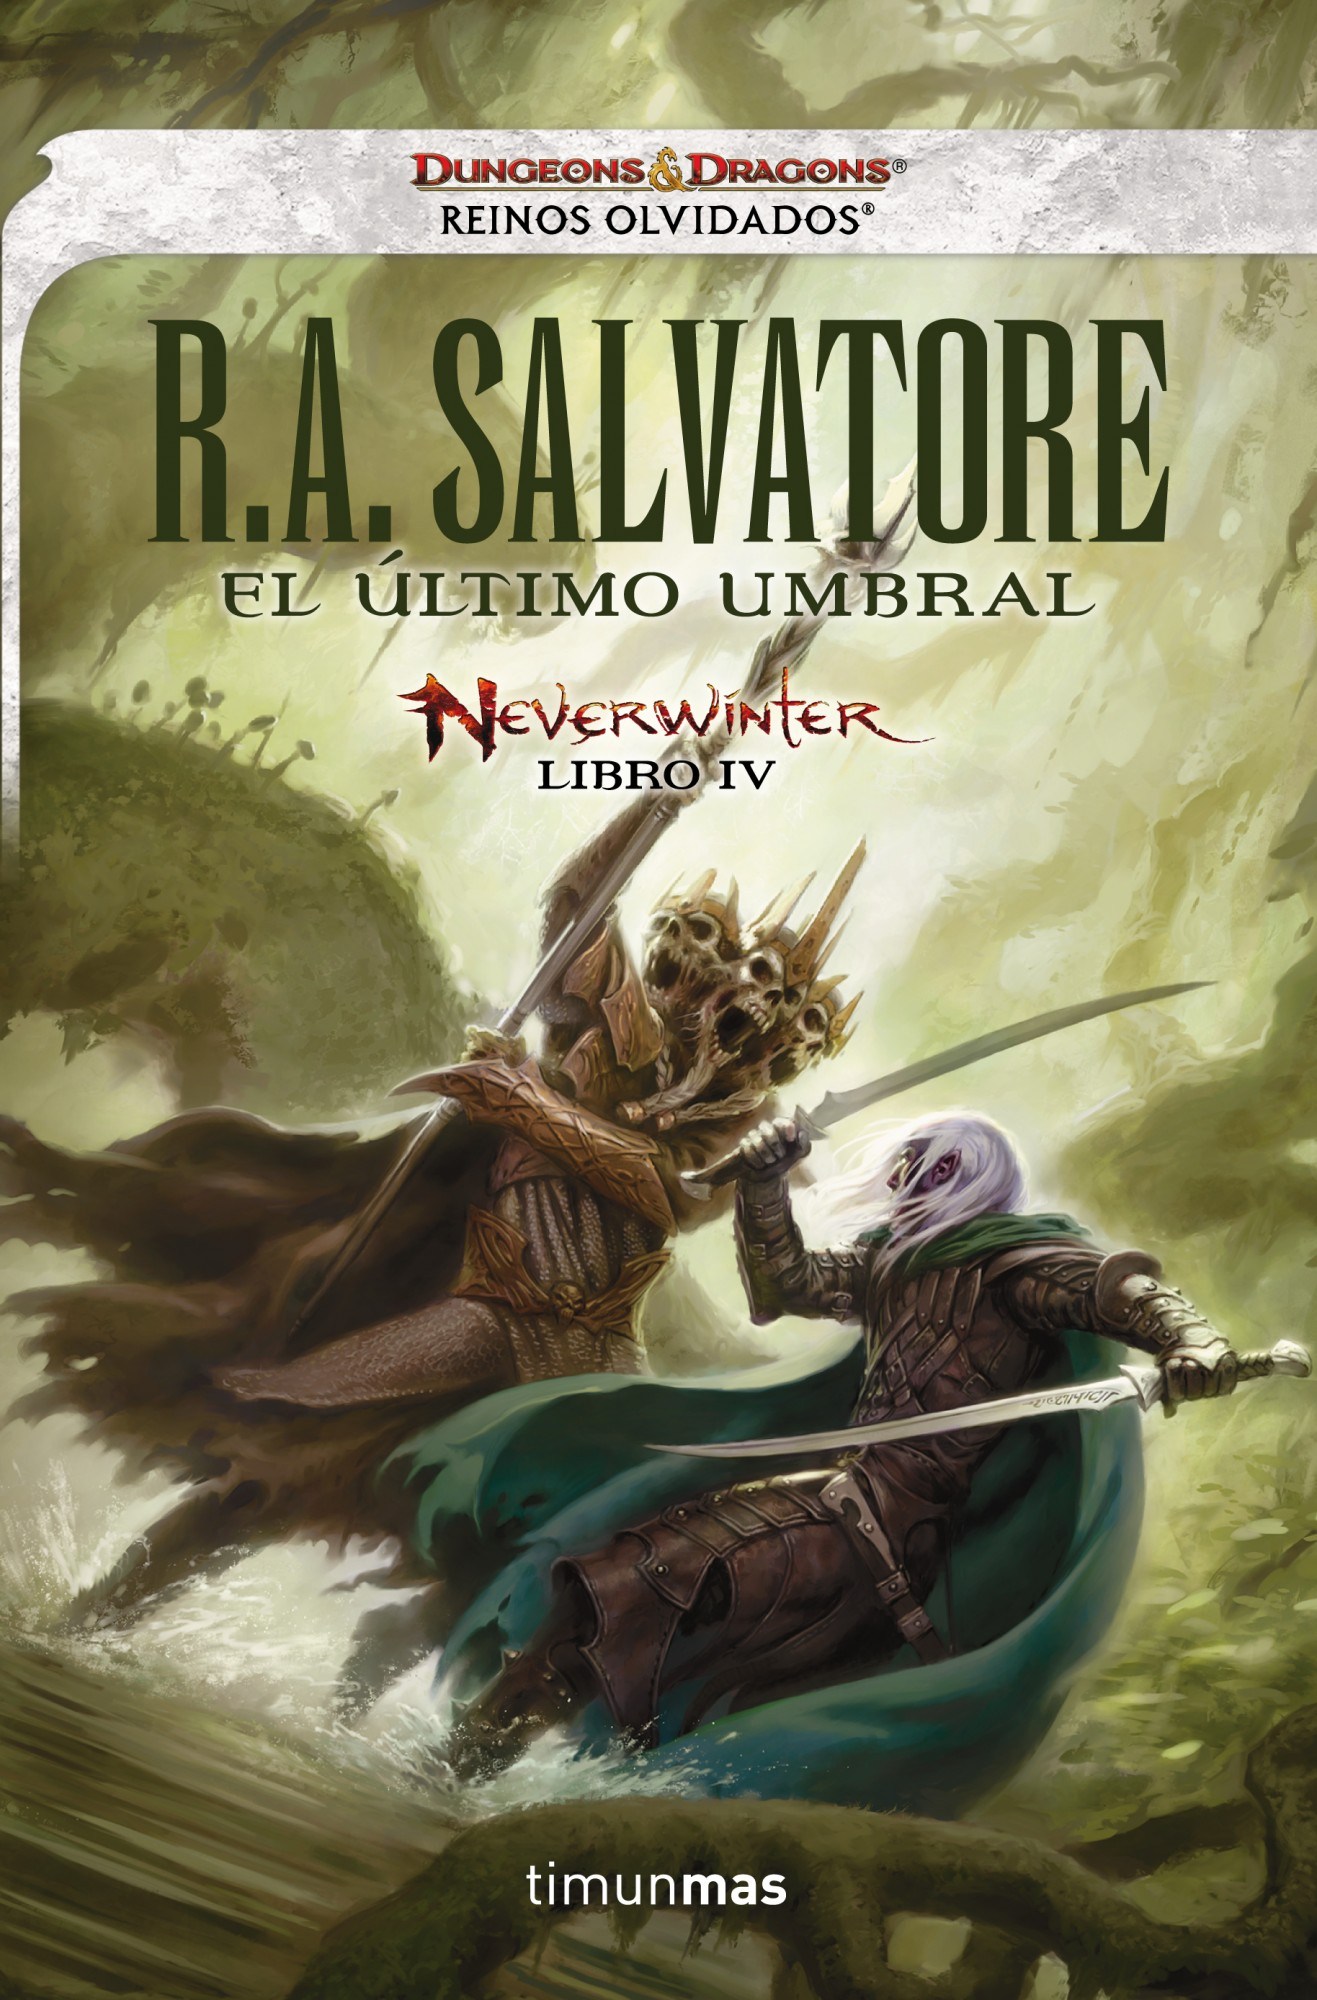 El Último Umbral (R.A. Salvatore)